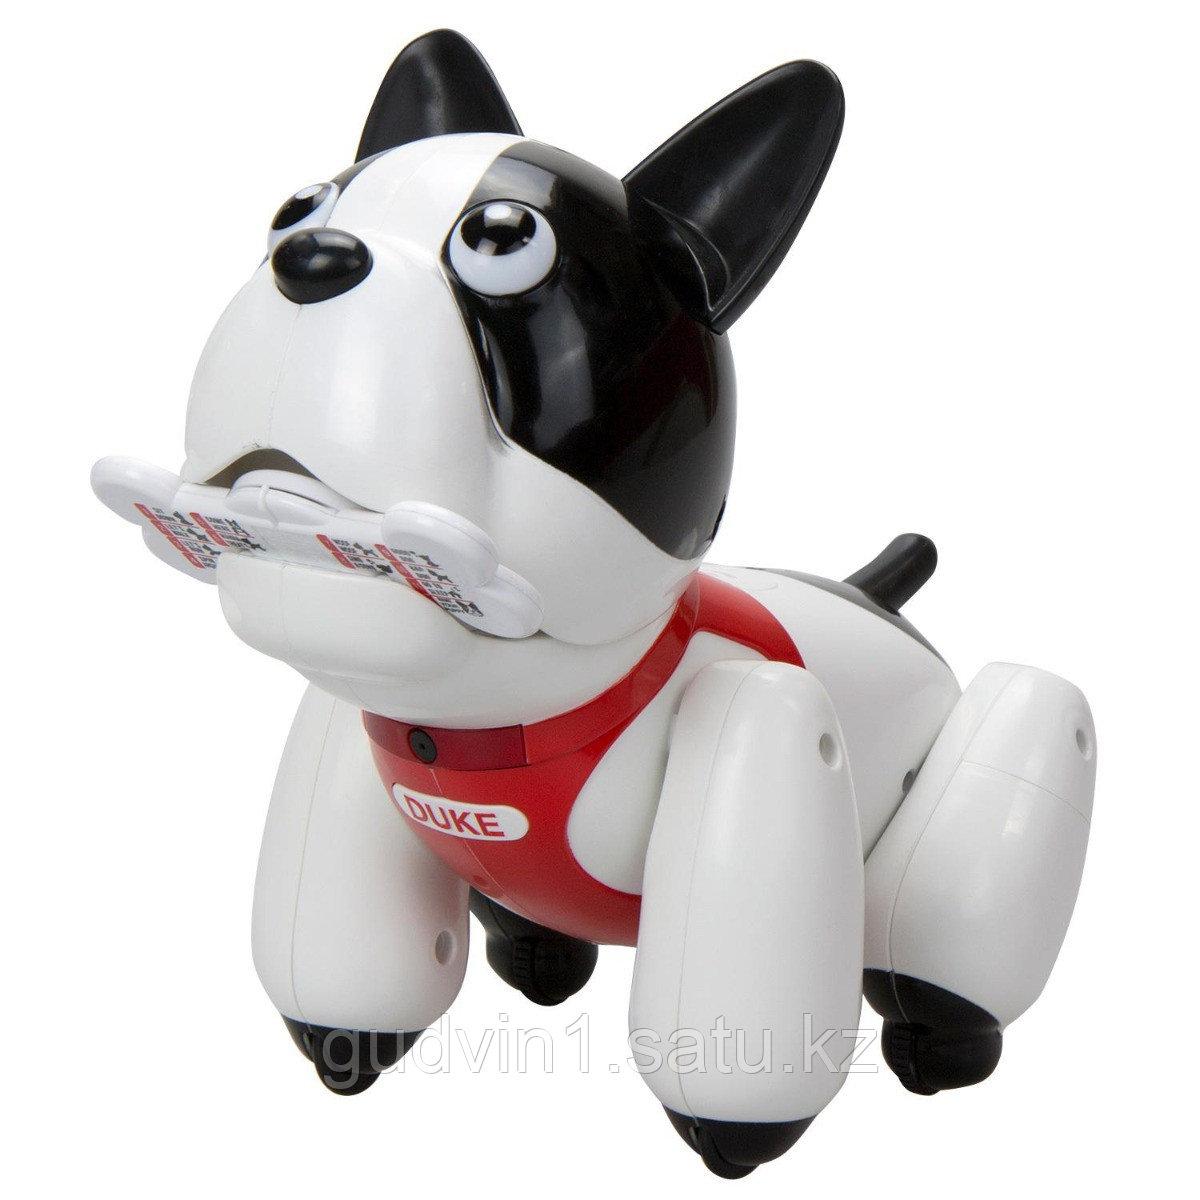 Собака робот Дюк 88557 Silverlit